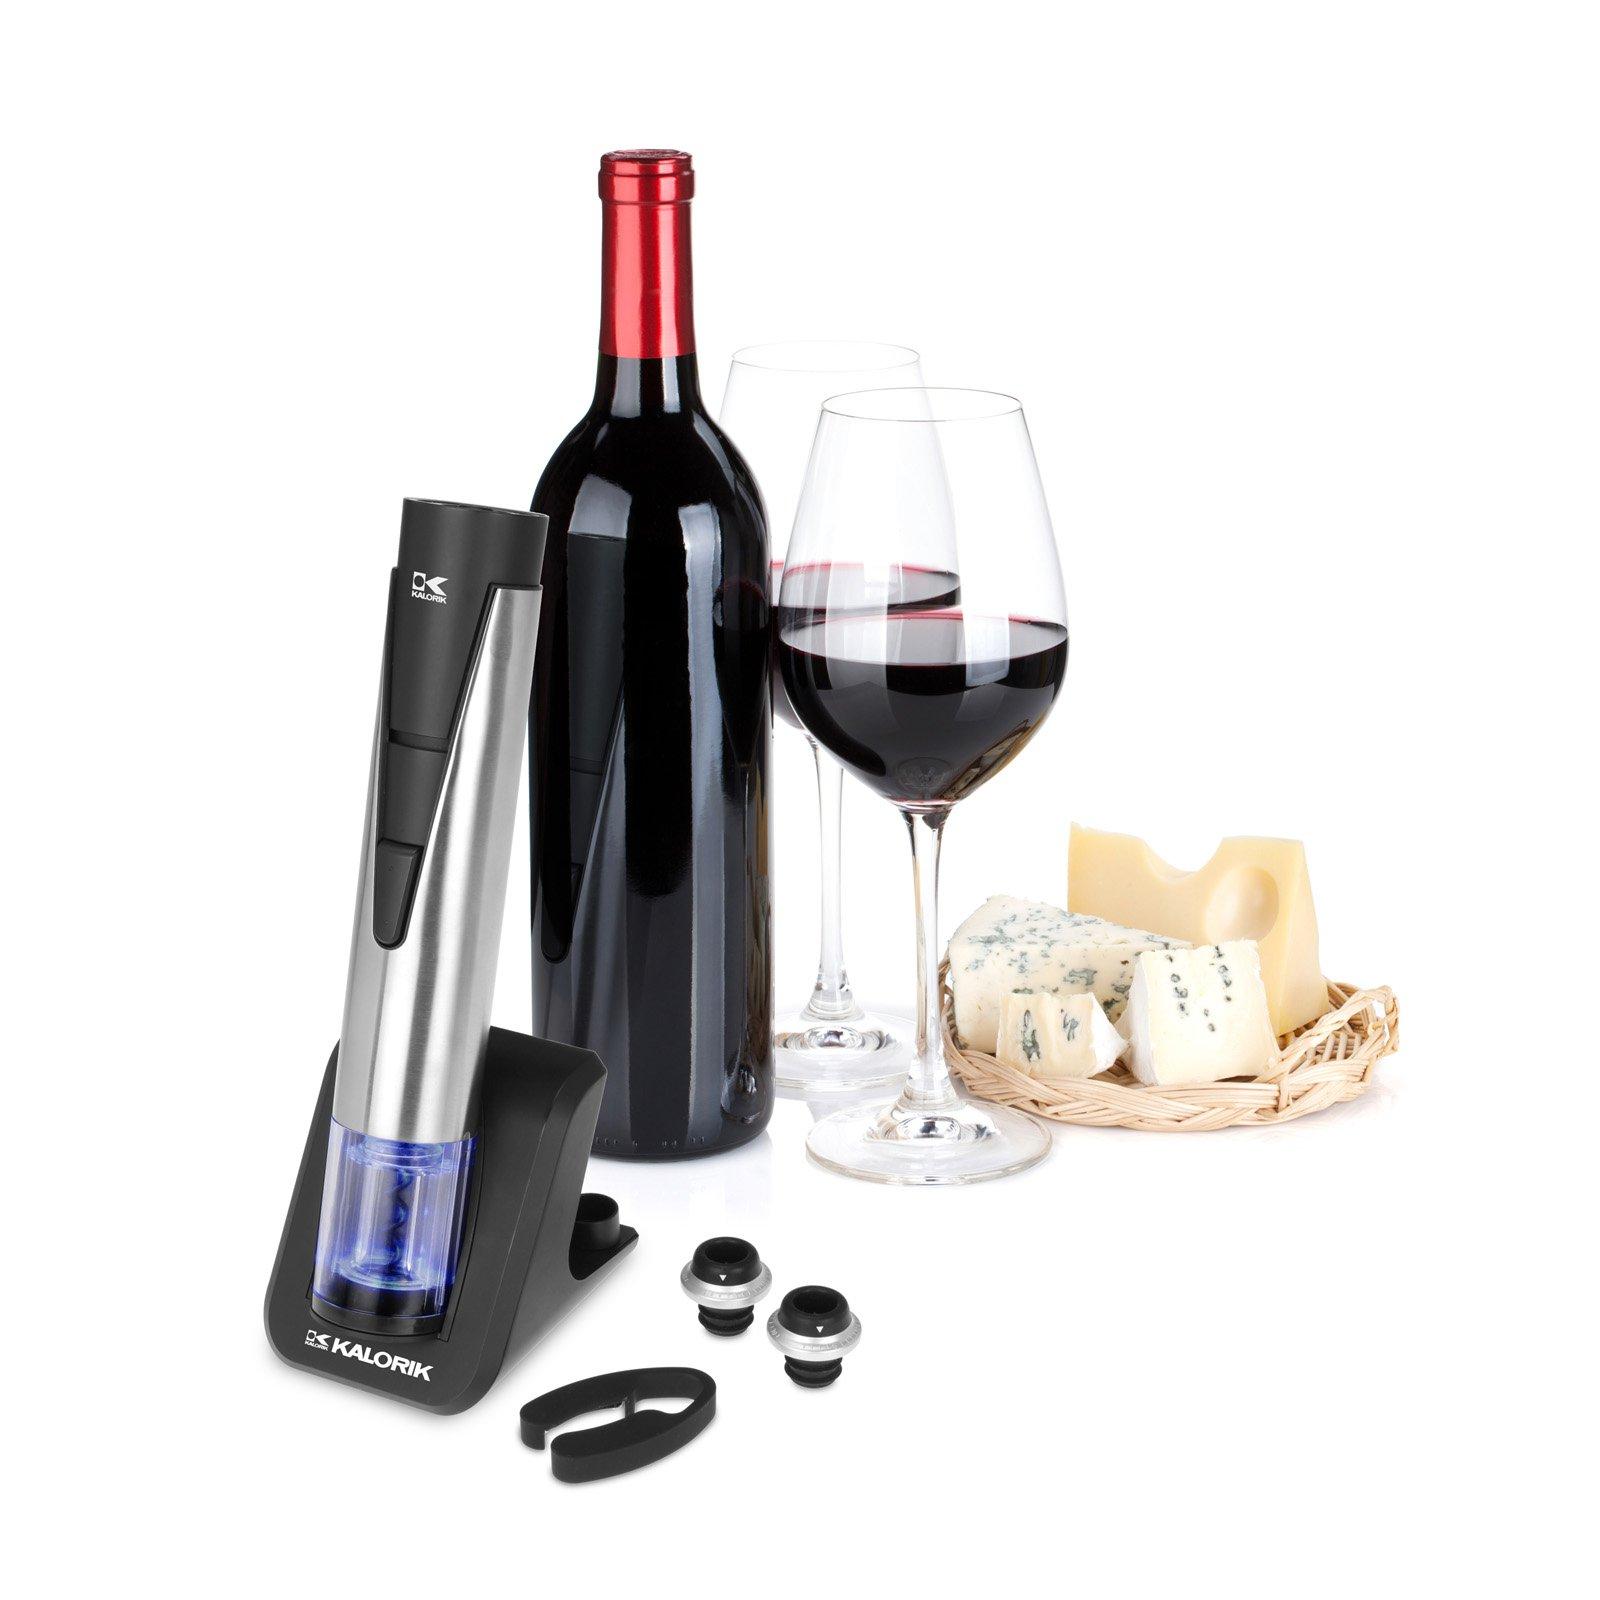 Kalorik 2-in-1 Stainless Steel Wine Opener and Preserver on